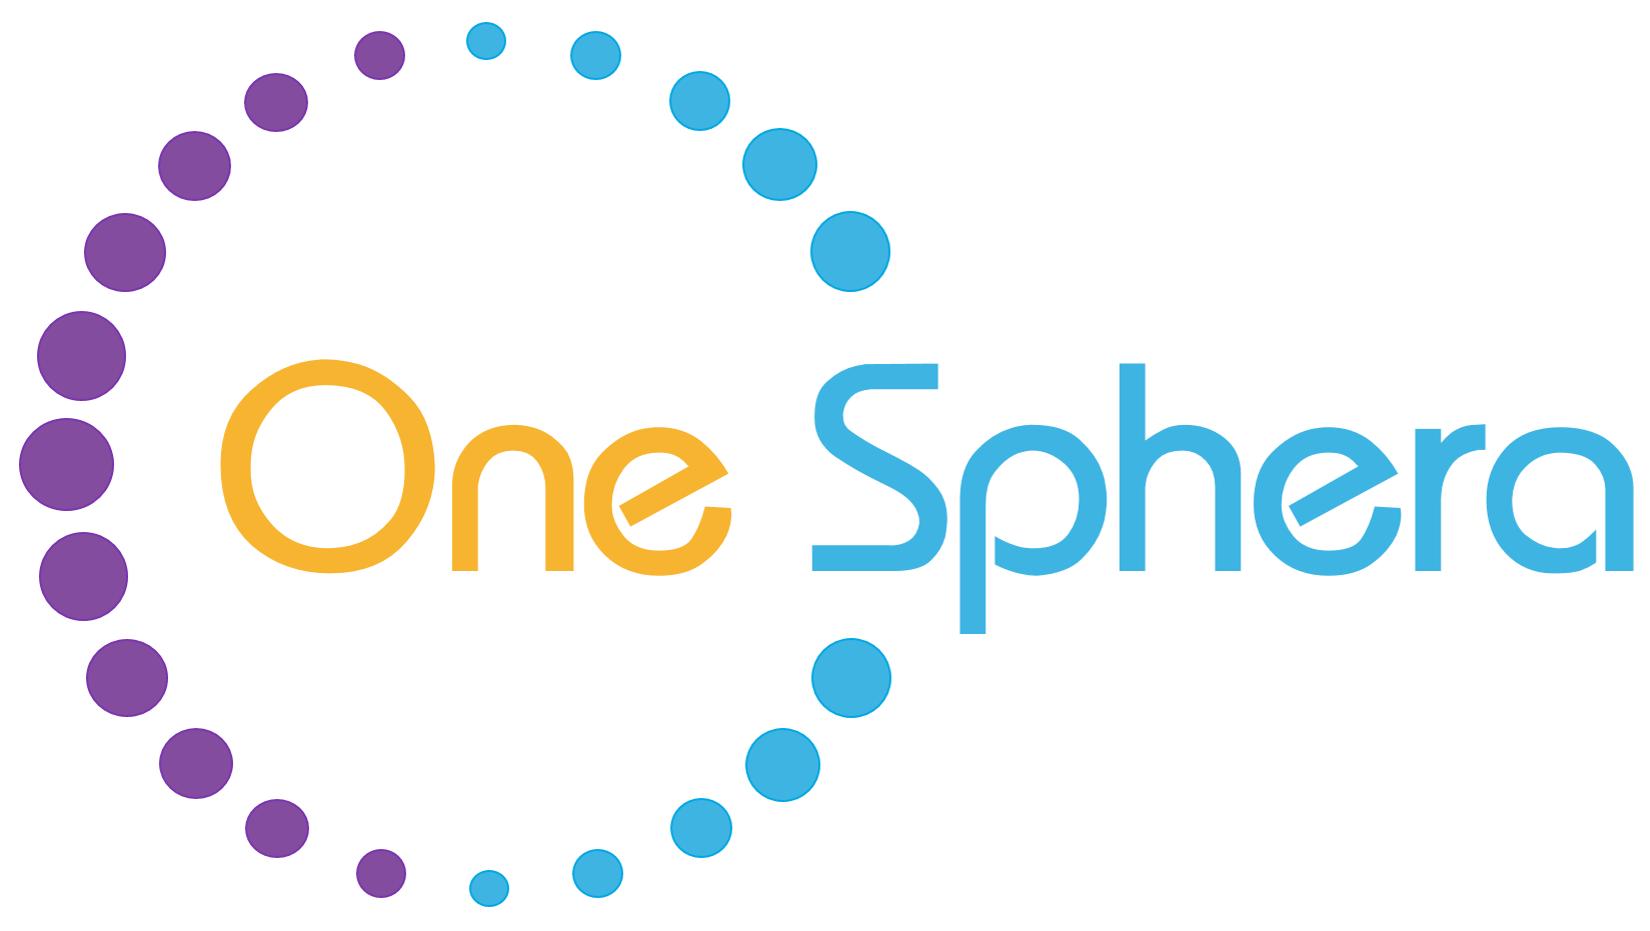 One Sphera